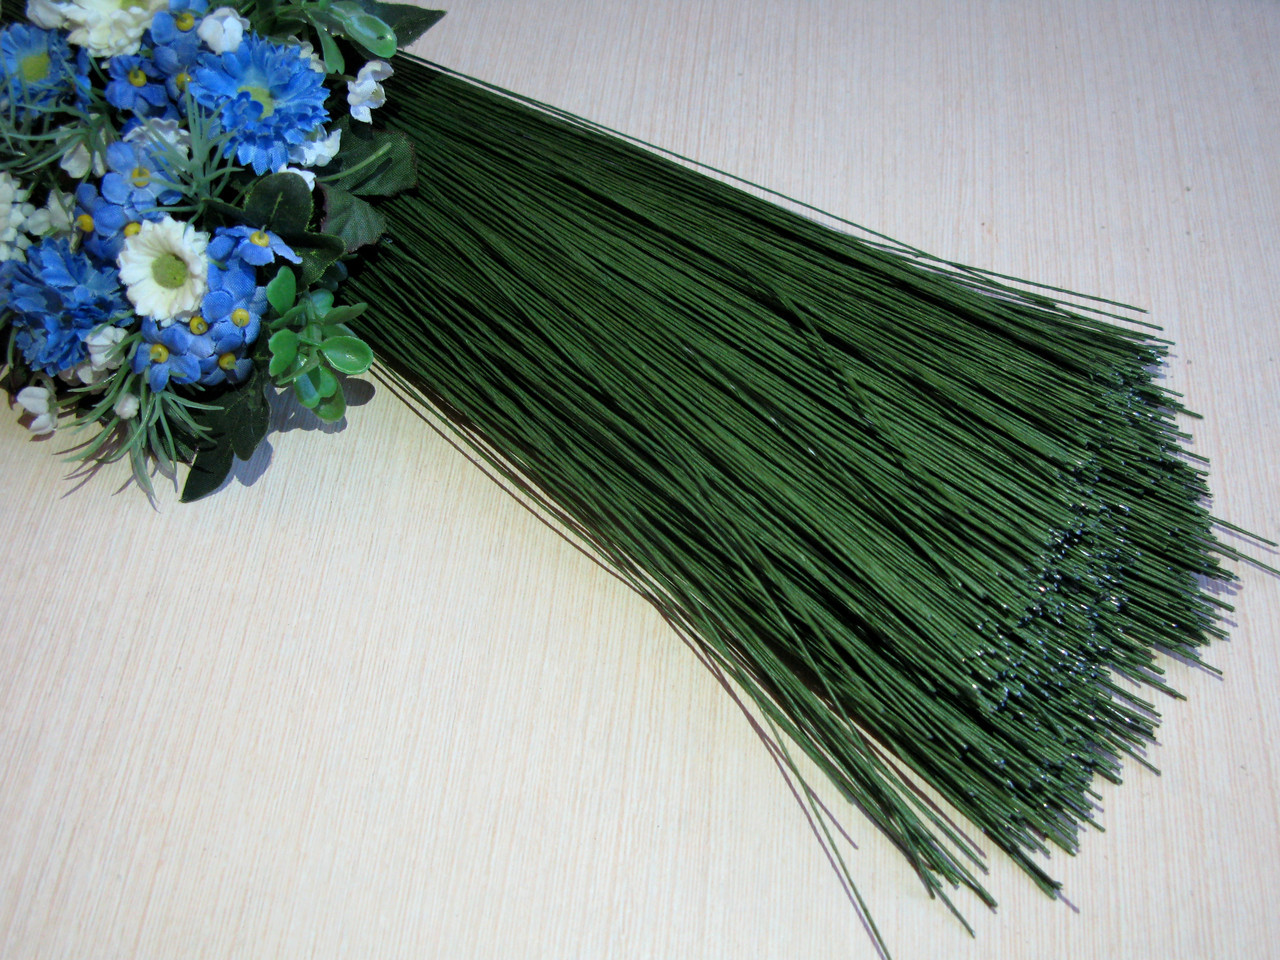 Проволока 1 мм. флористическая тейпированная. Зеленая 19 грн - 20 шт (длина 60 см)